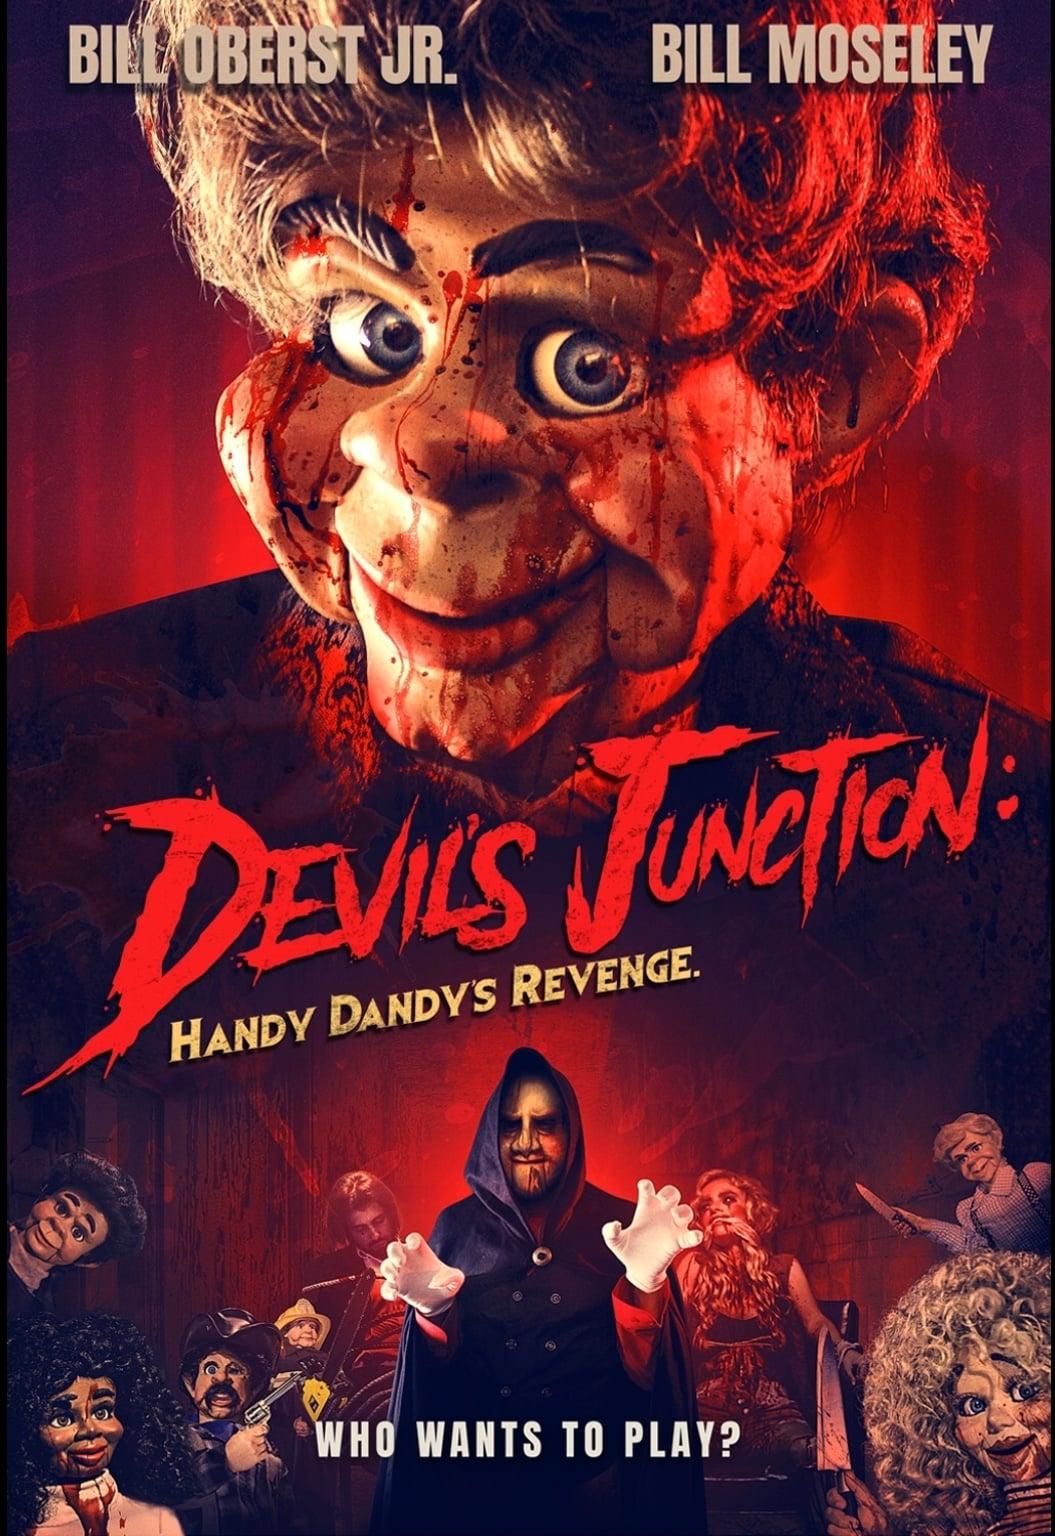 Devil's Junction: Handy Dandy's Revenge on FREECABLE TV